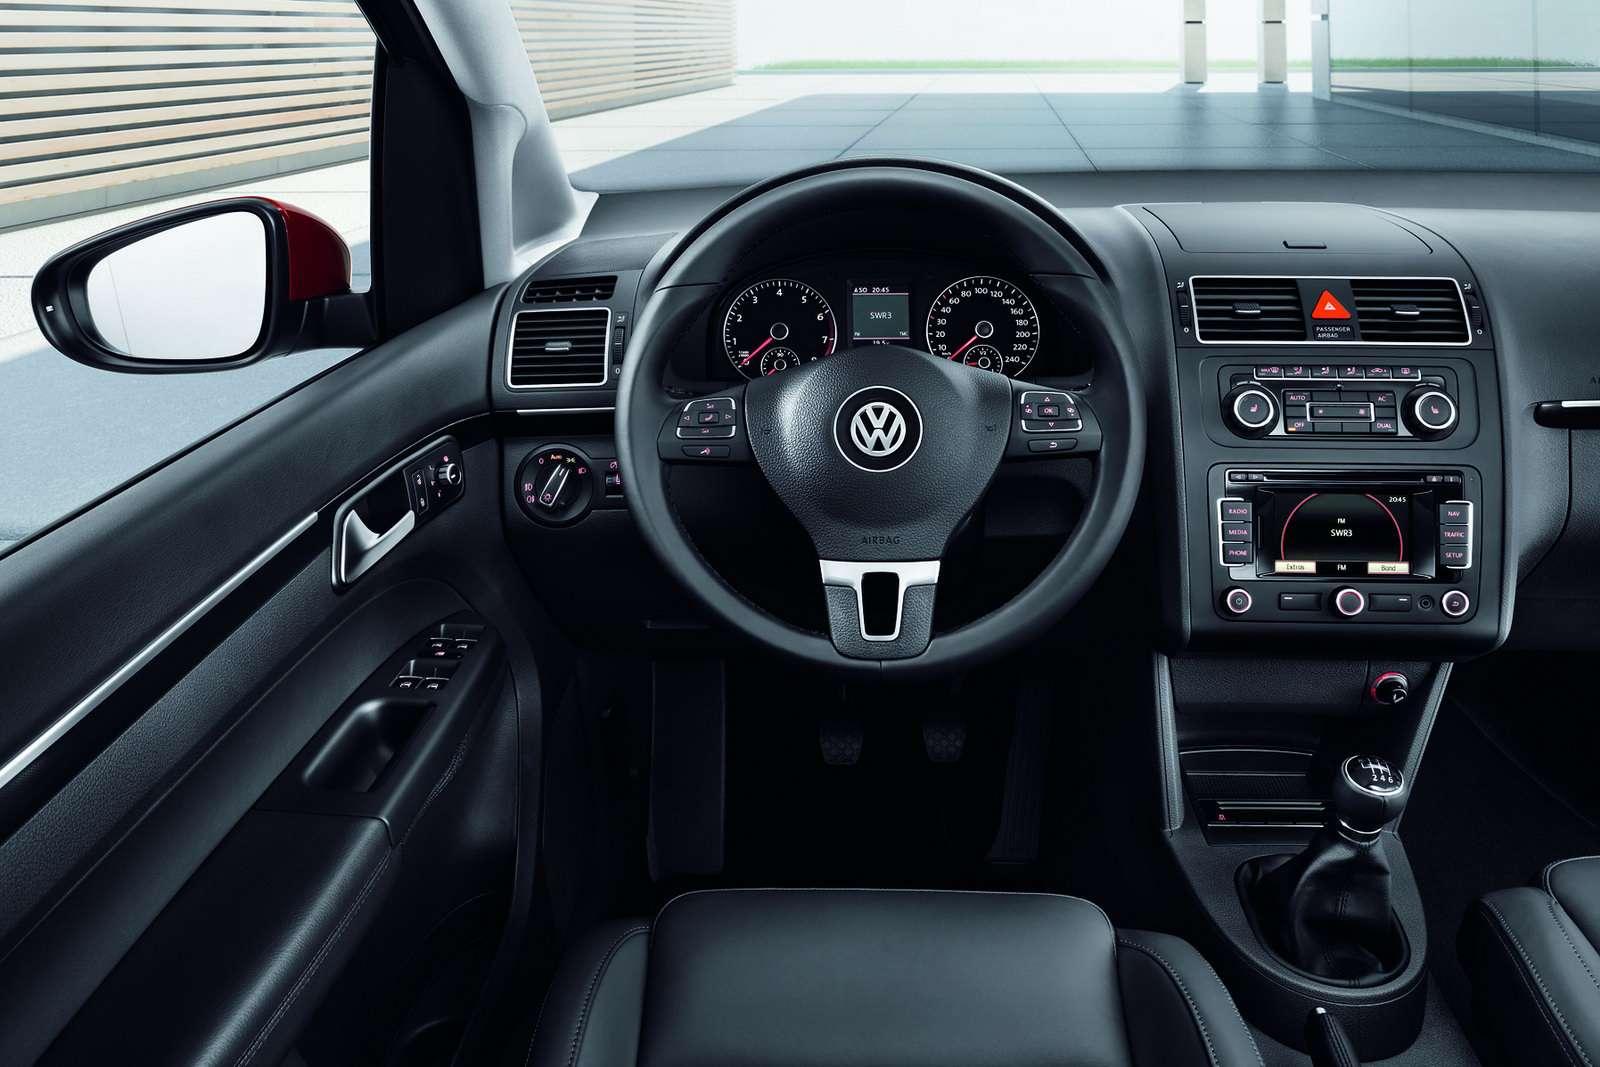 Volkswagen Touran po facelifcie kwiecien 2010